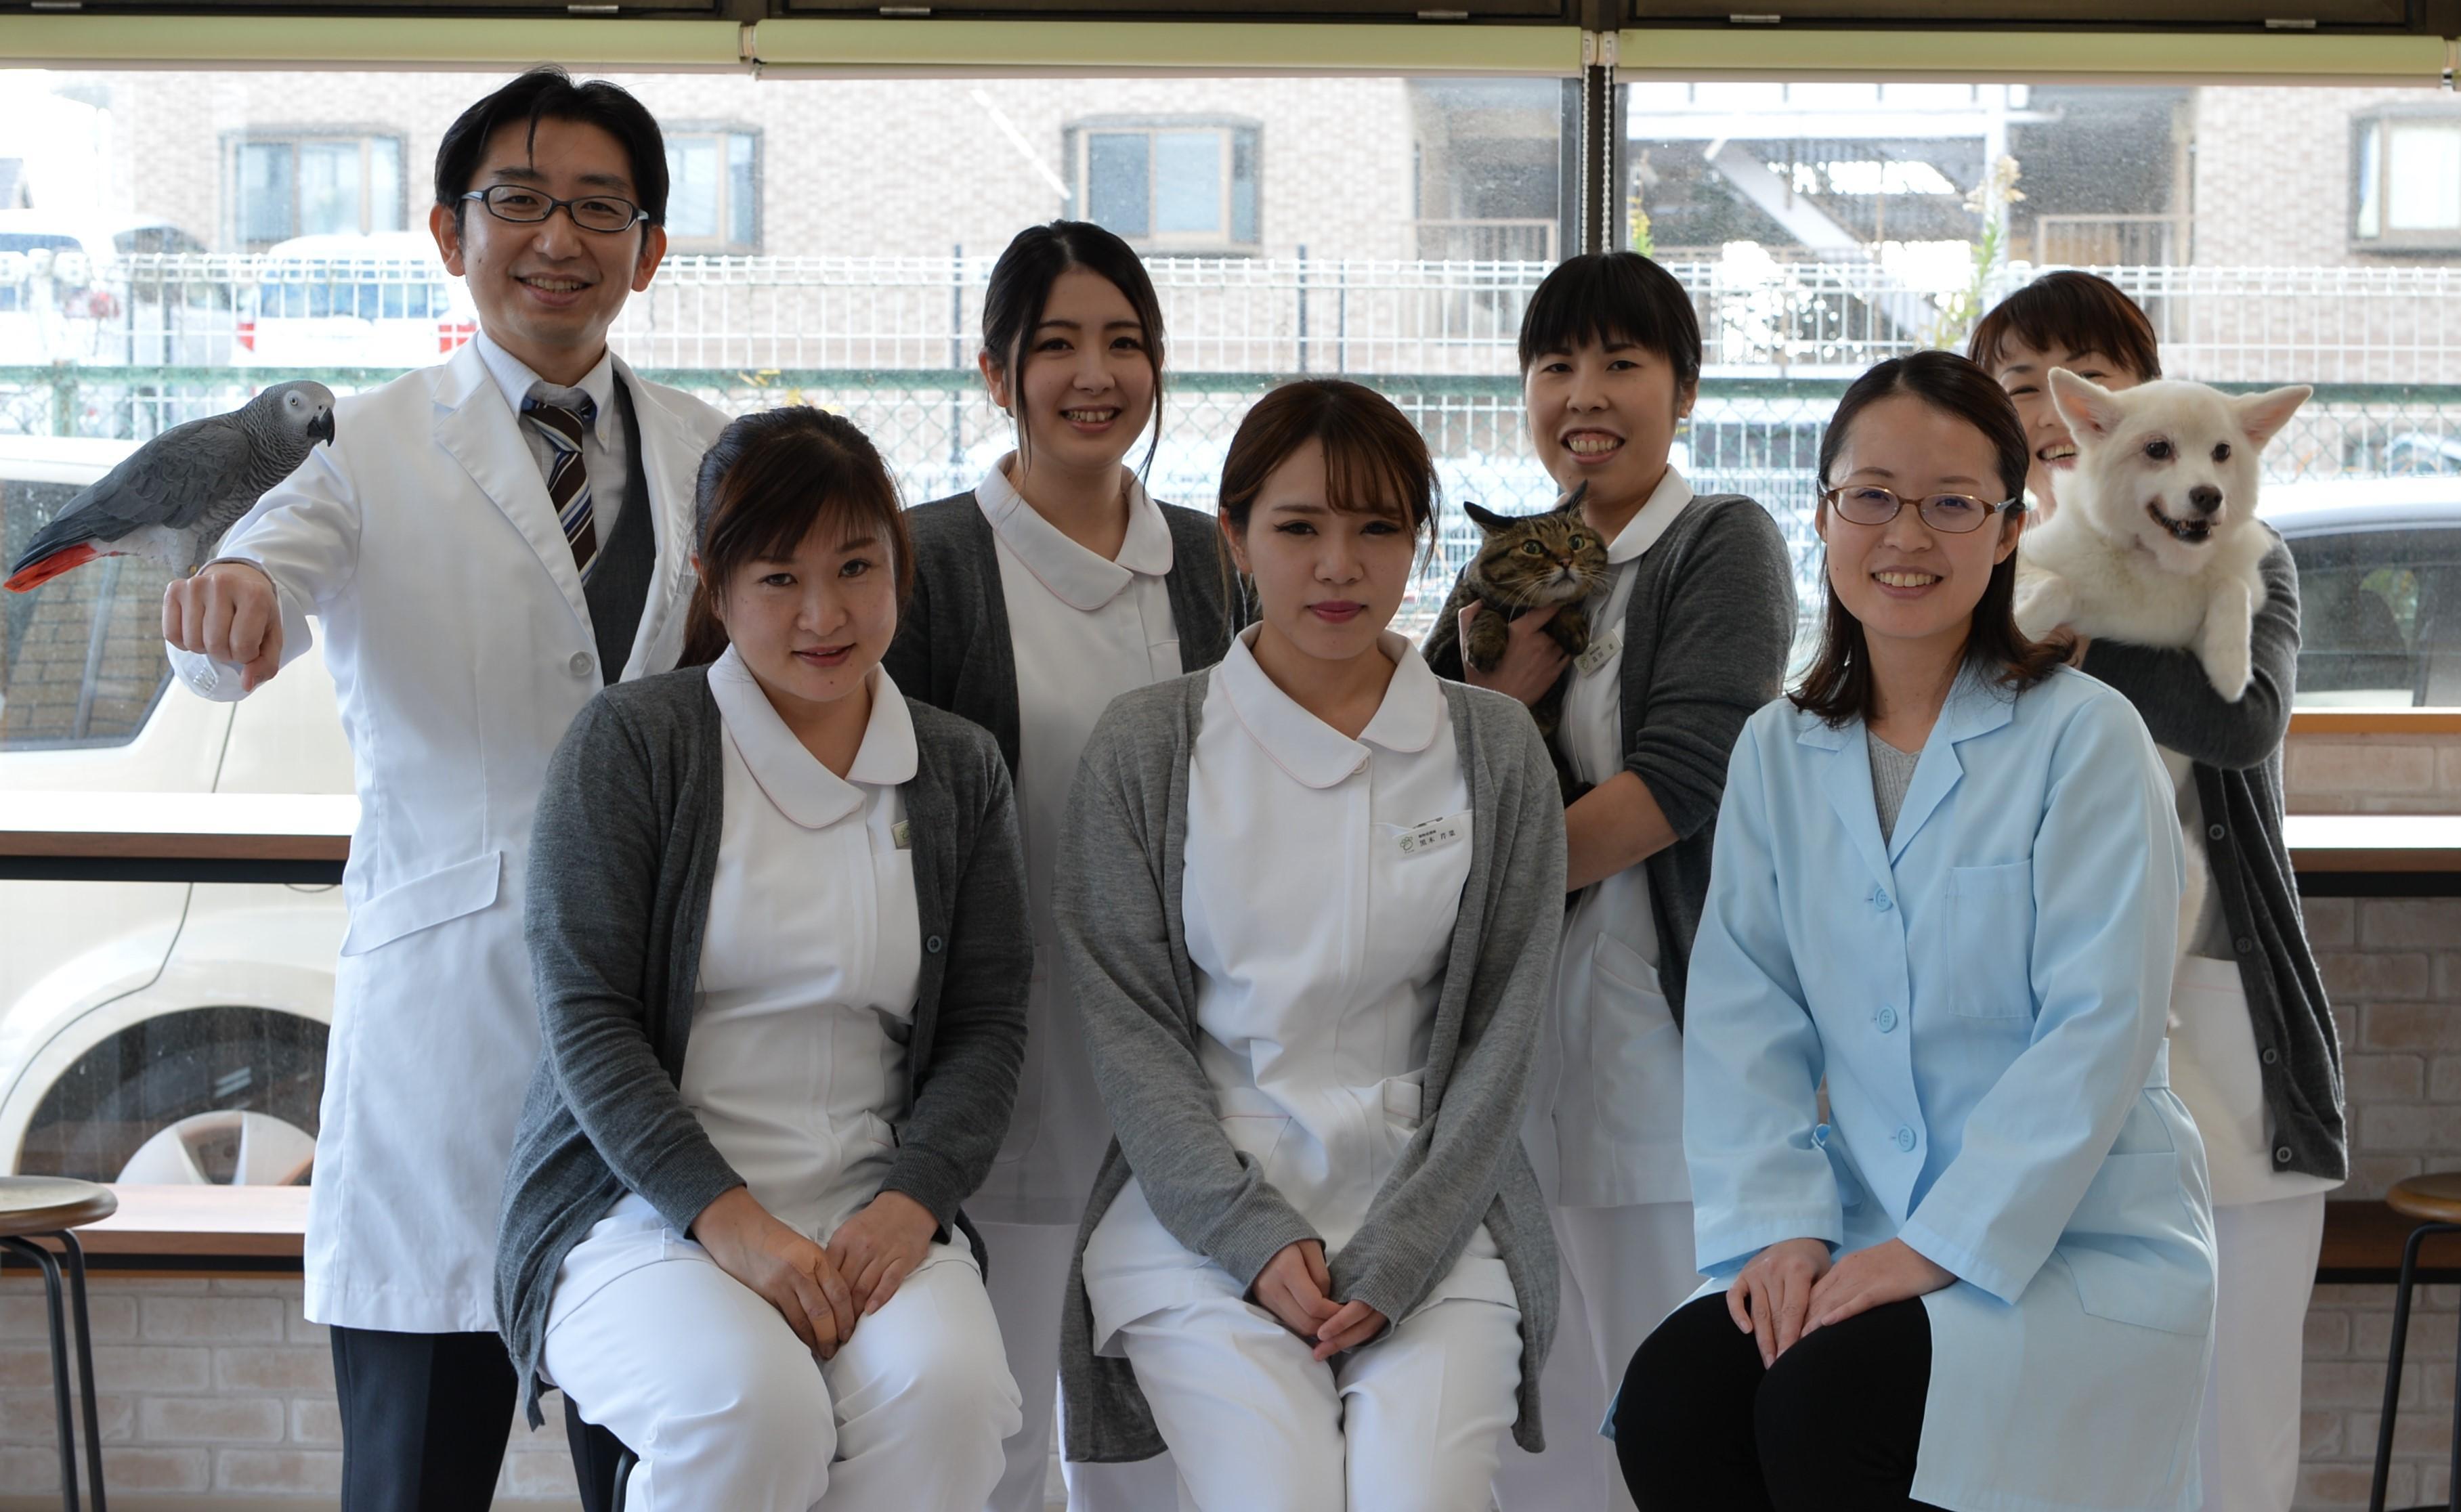 動物看護士募集、正社員